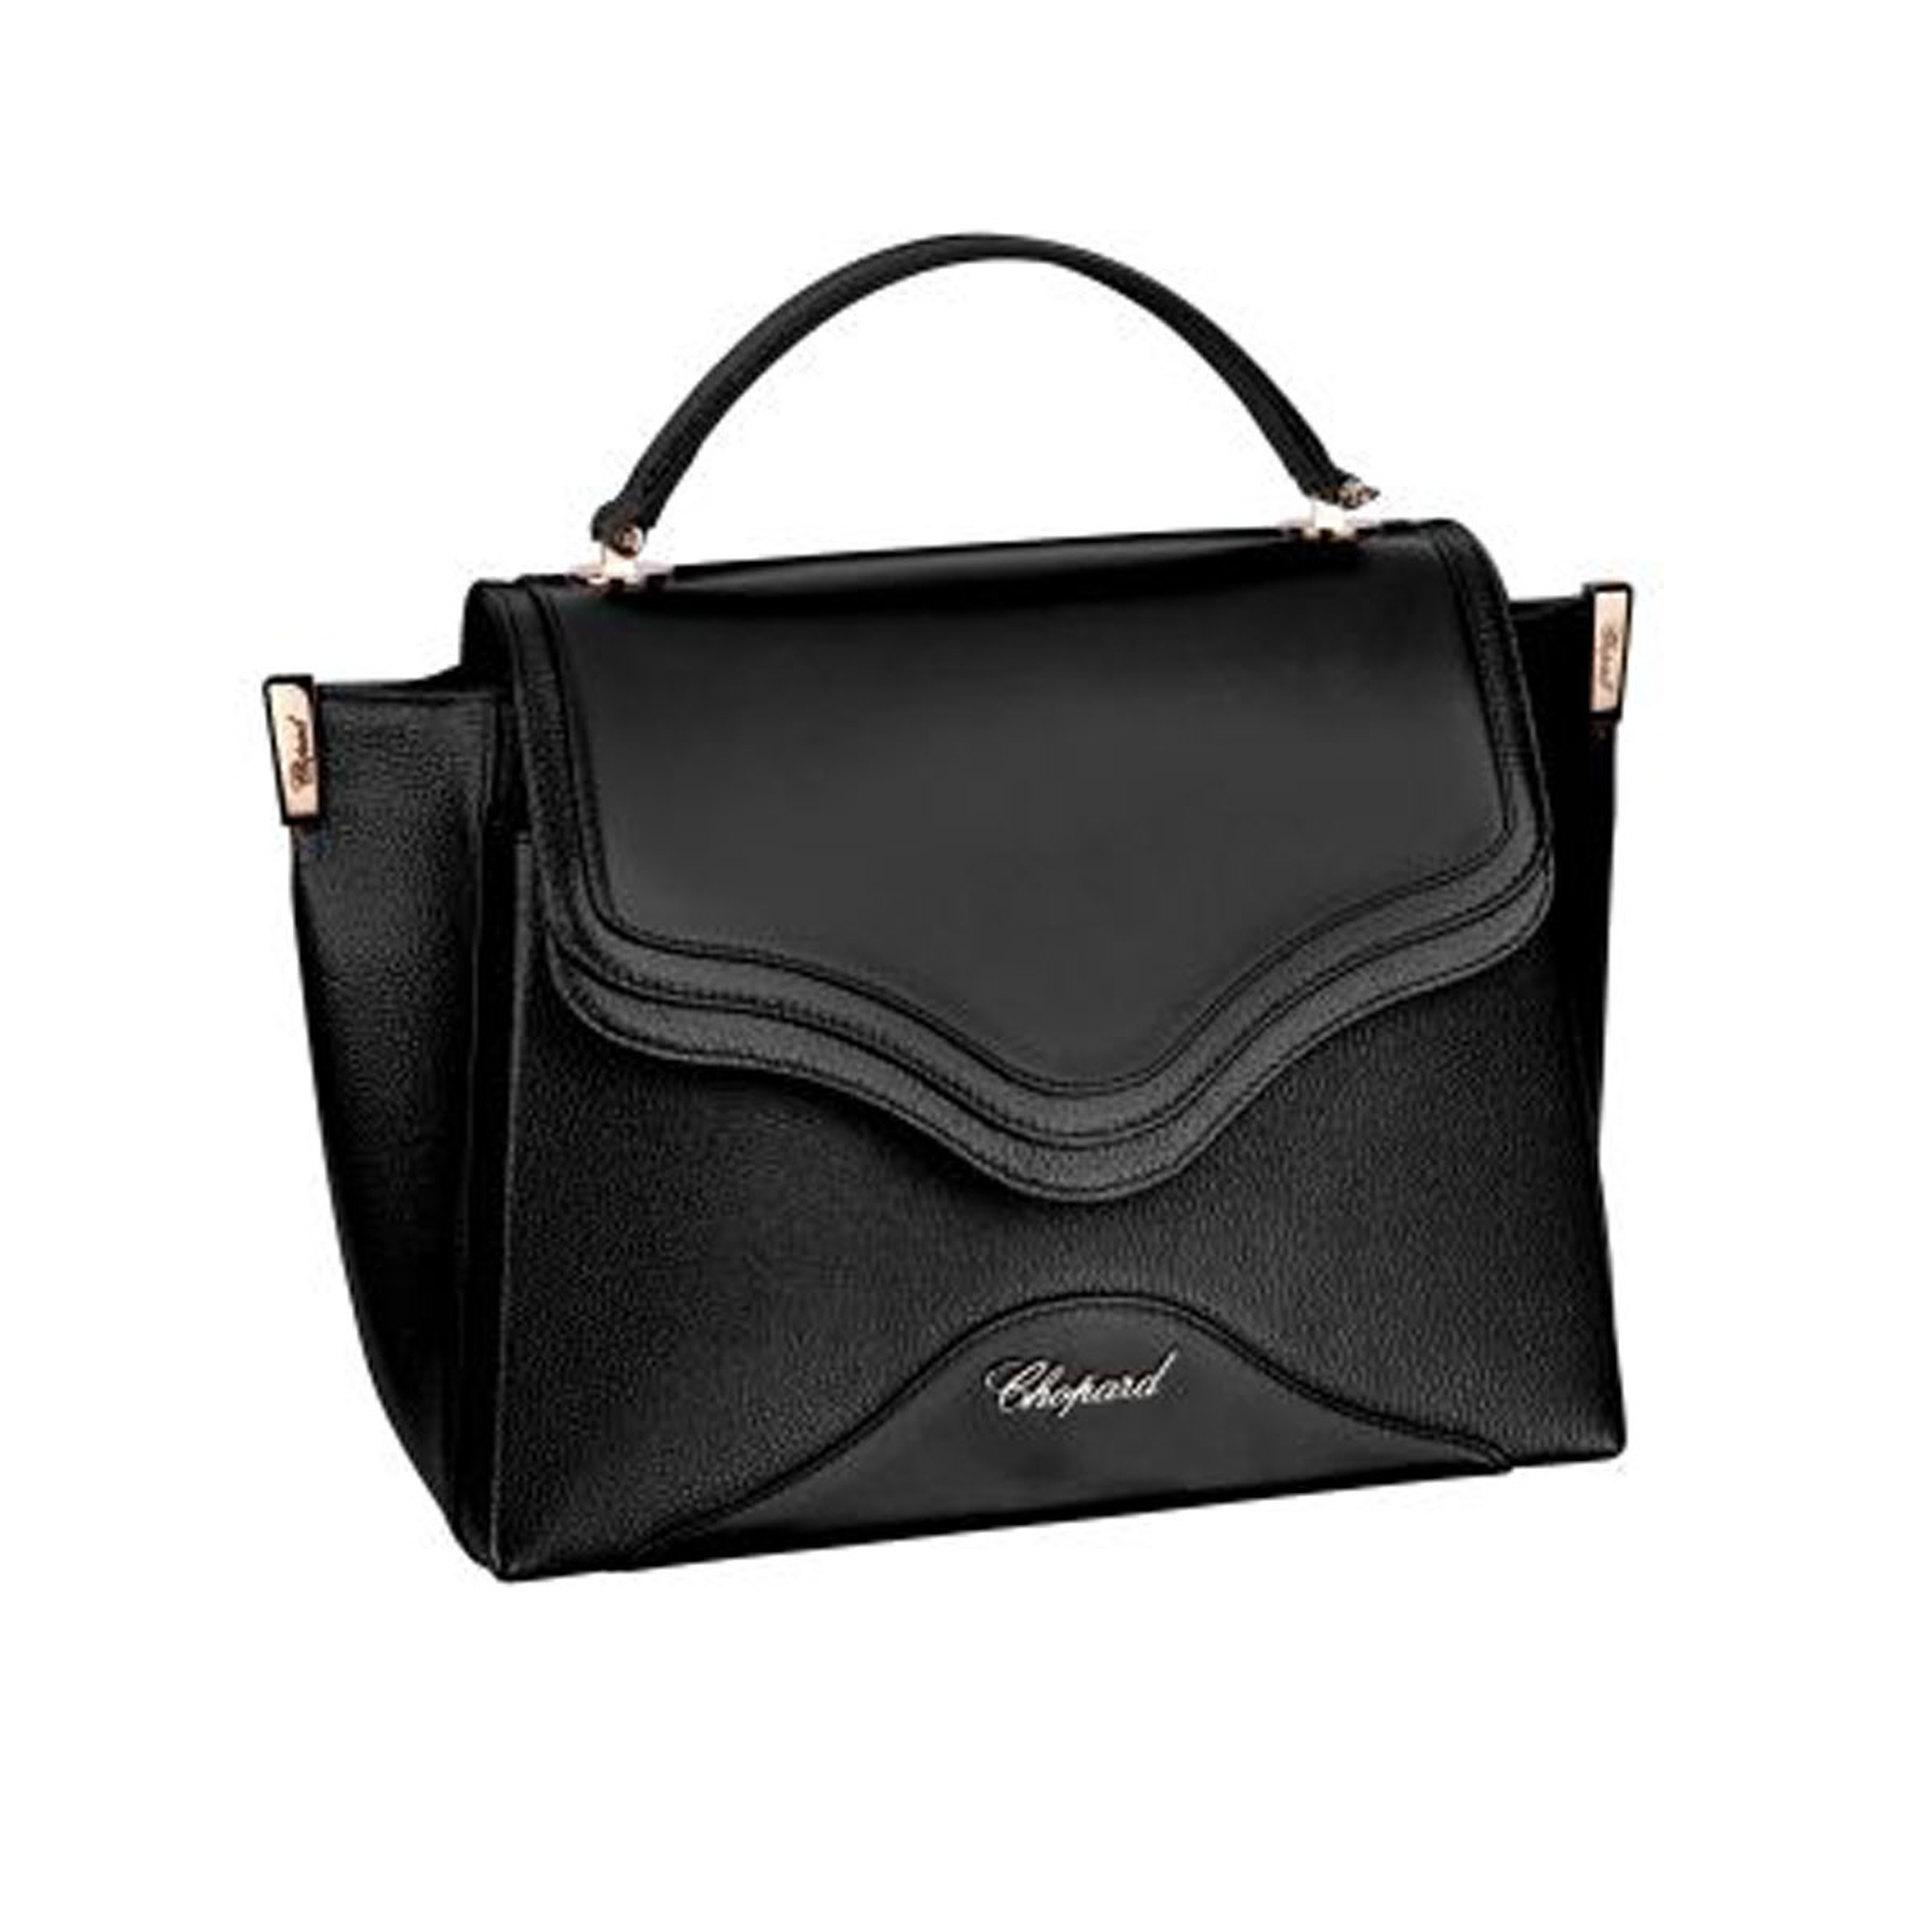 Chopard Lady Imperiale Calfskin Handbag